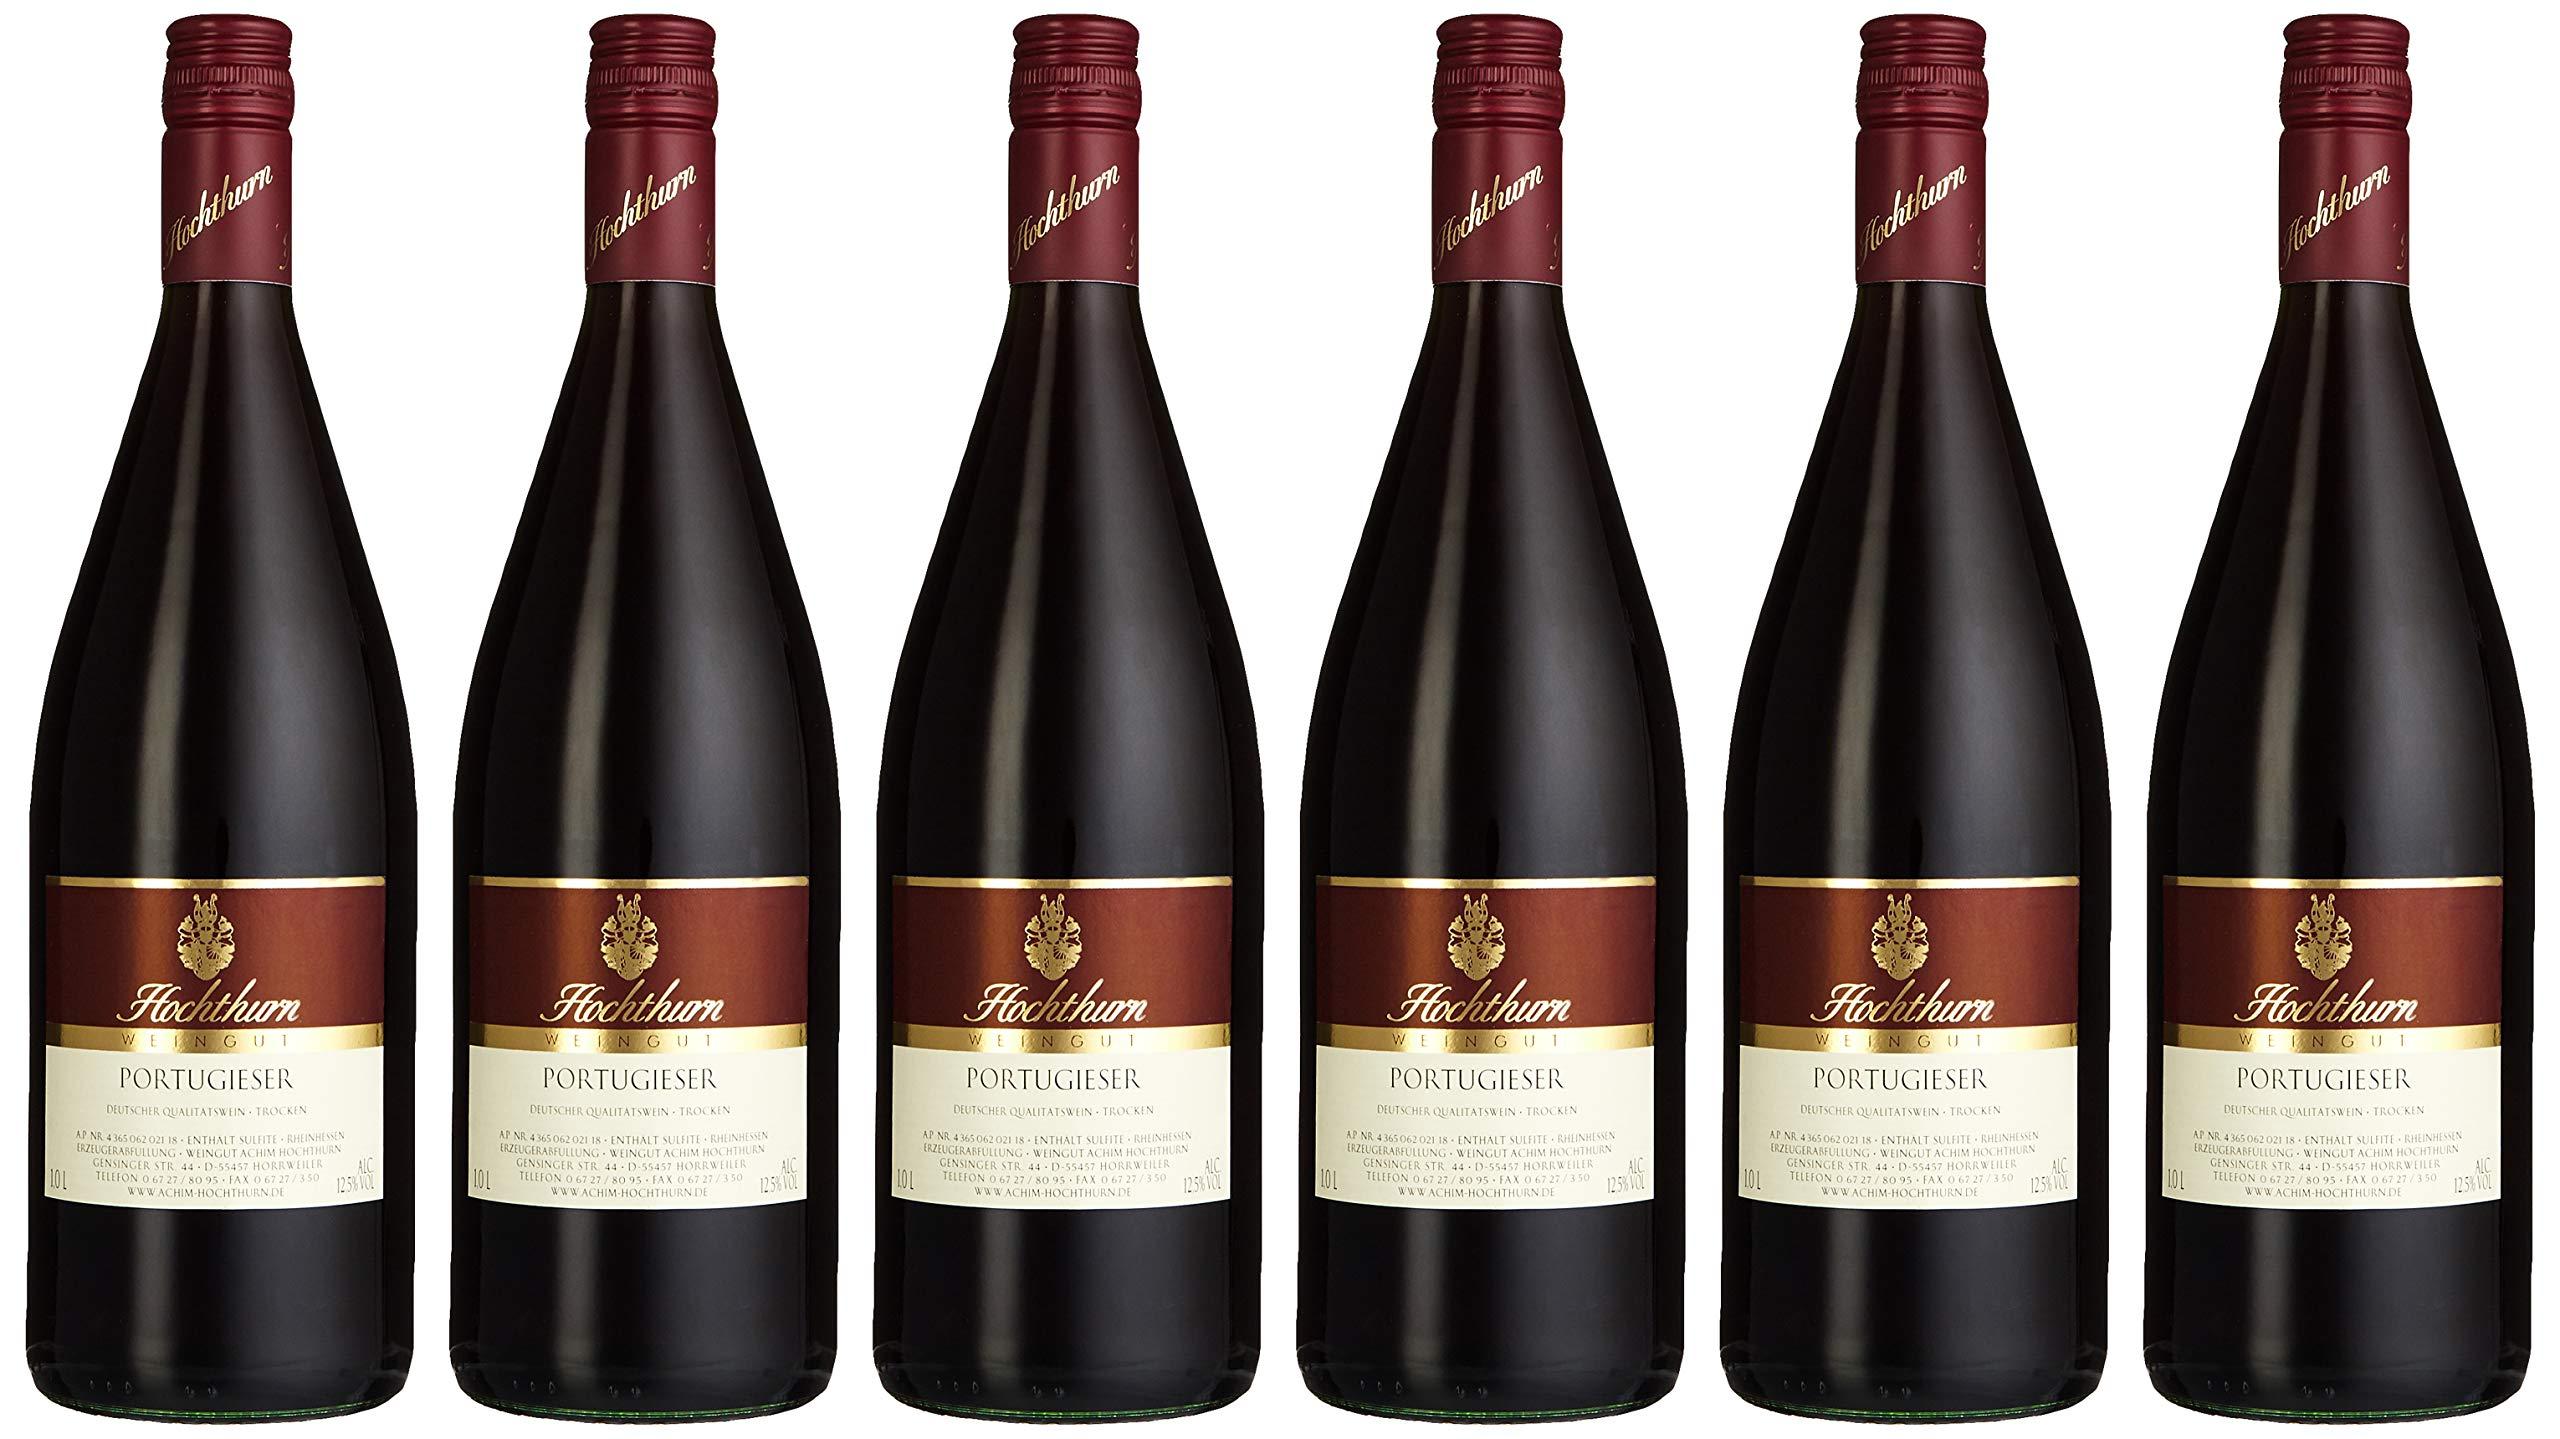 Weingut-Achim-Hochthurn-Portugieser-trocken-6-x-1-l